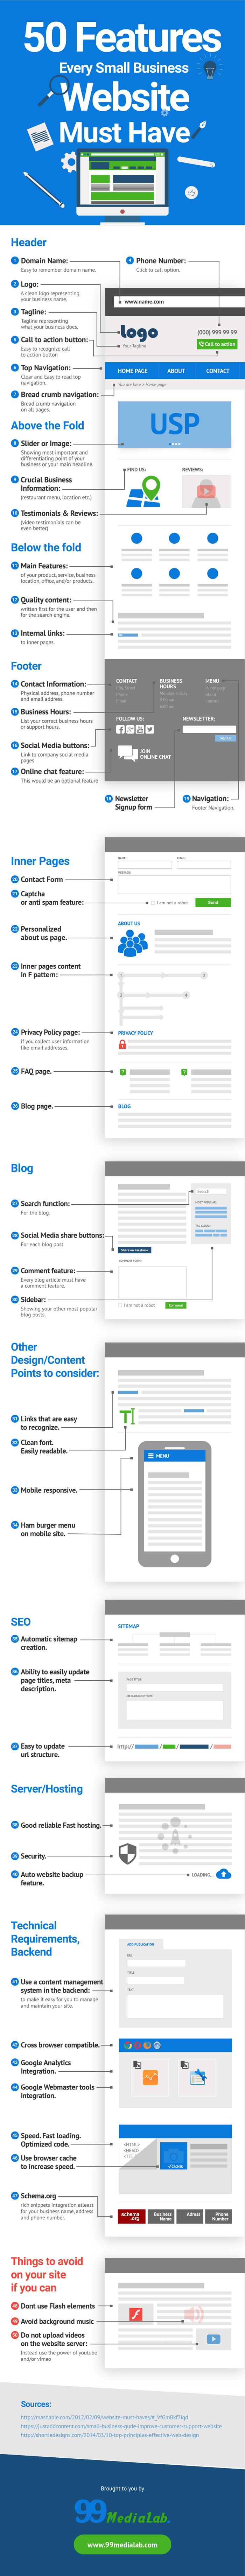 Infogarfía: Características que tu web debe tener